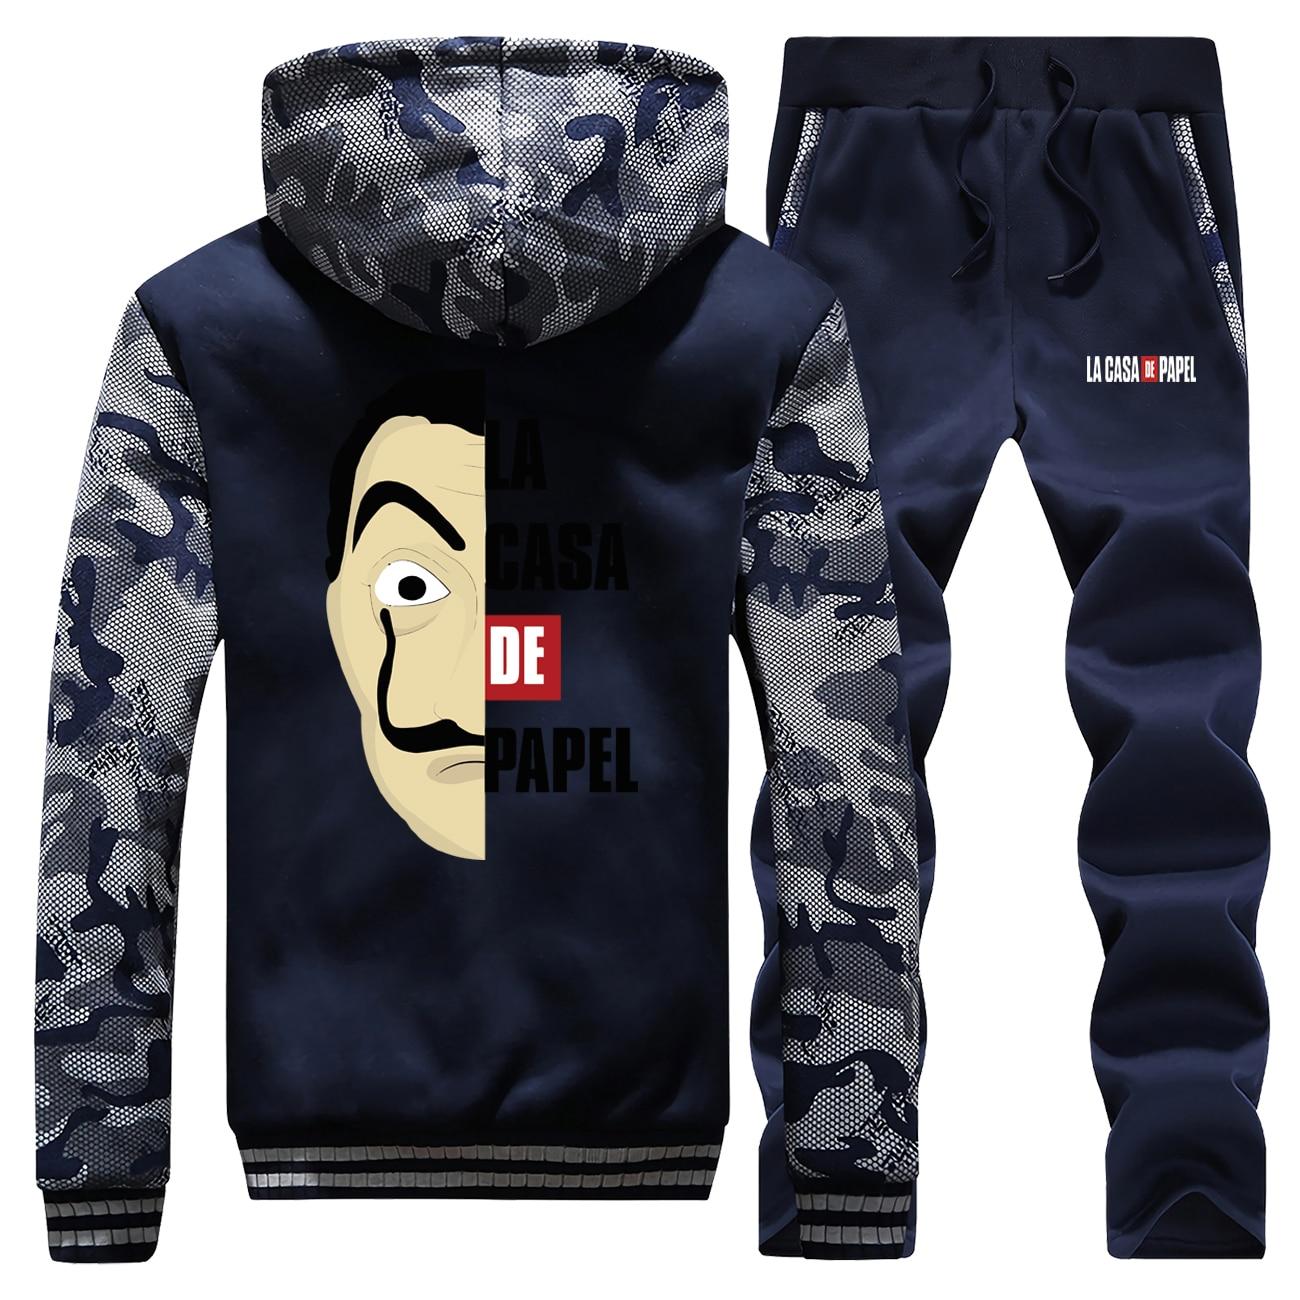 La Casa De Papel Mens Brand Tracksuit Warm Winter Jacket Thick Camouflage Men Hoodies+Sweatpants 2 Piece Sets Hip Hop Sweatshirt